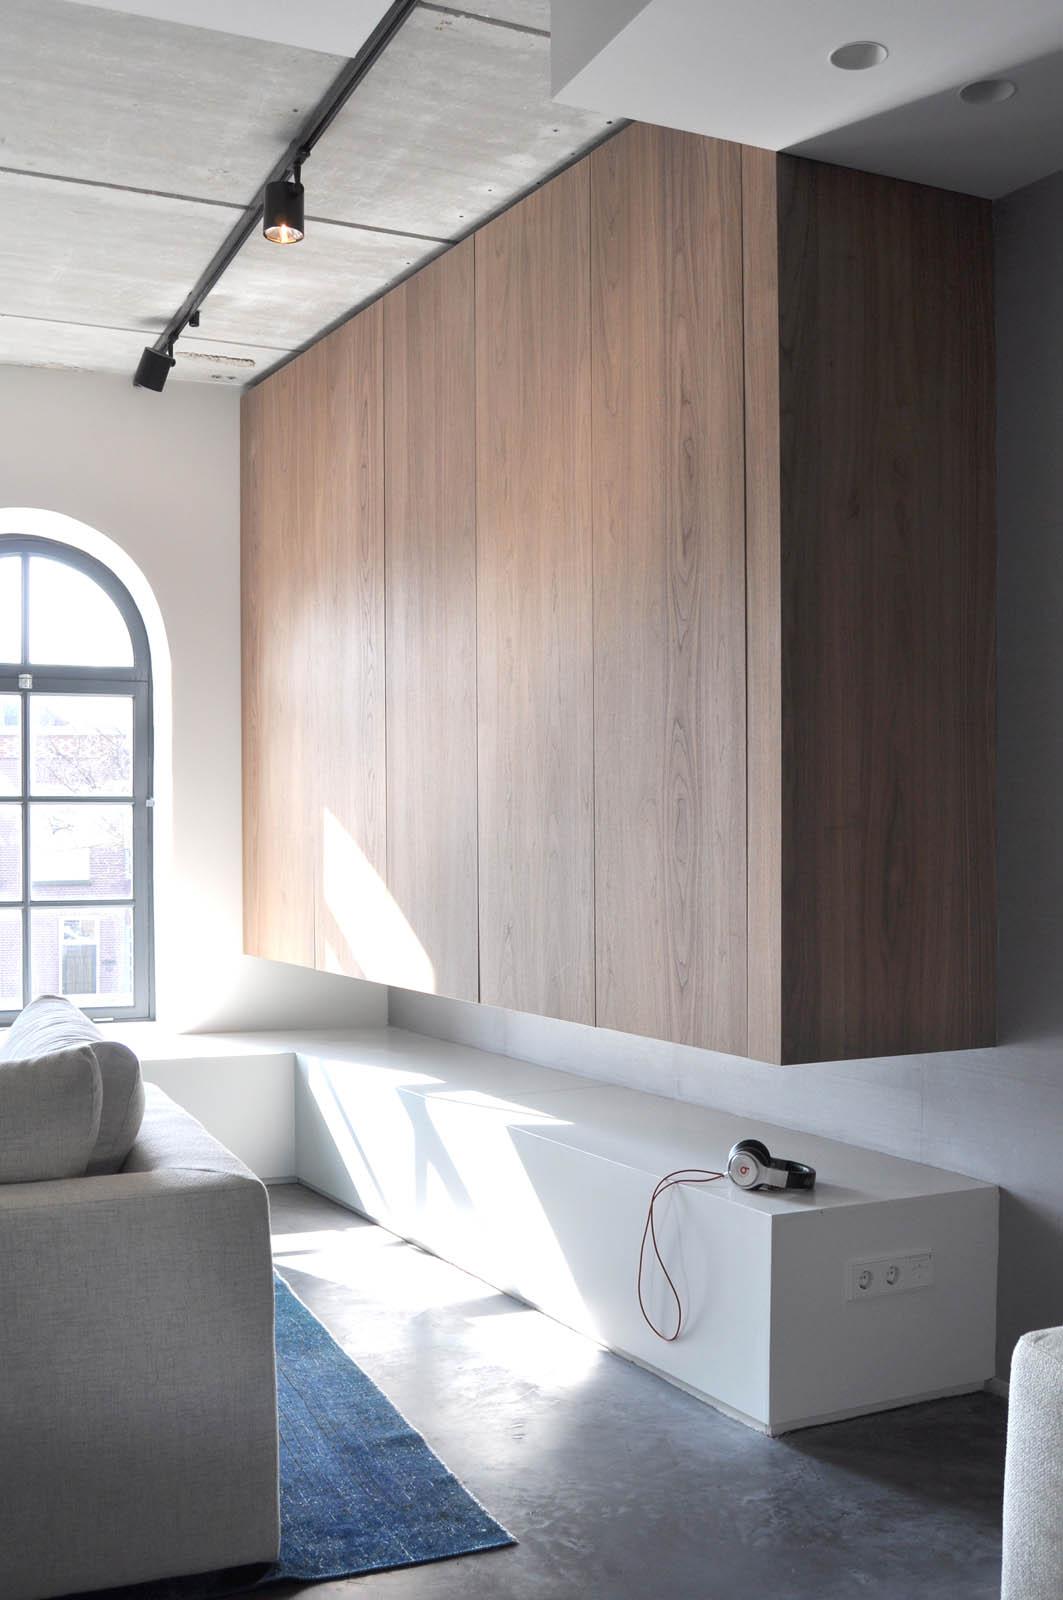 Cabinet, Loft Alkmaar, by Jeroen de Nijs